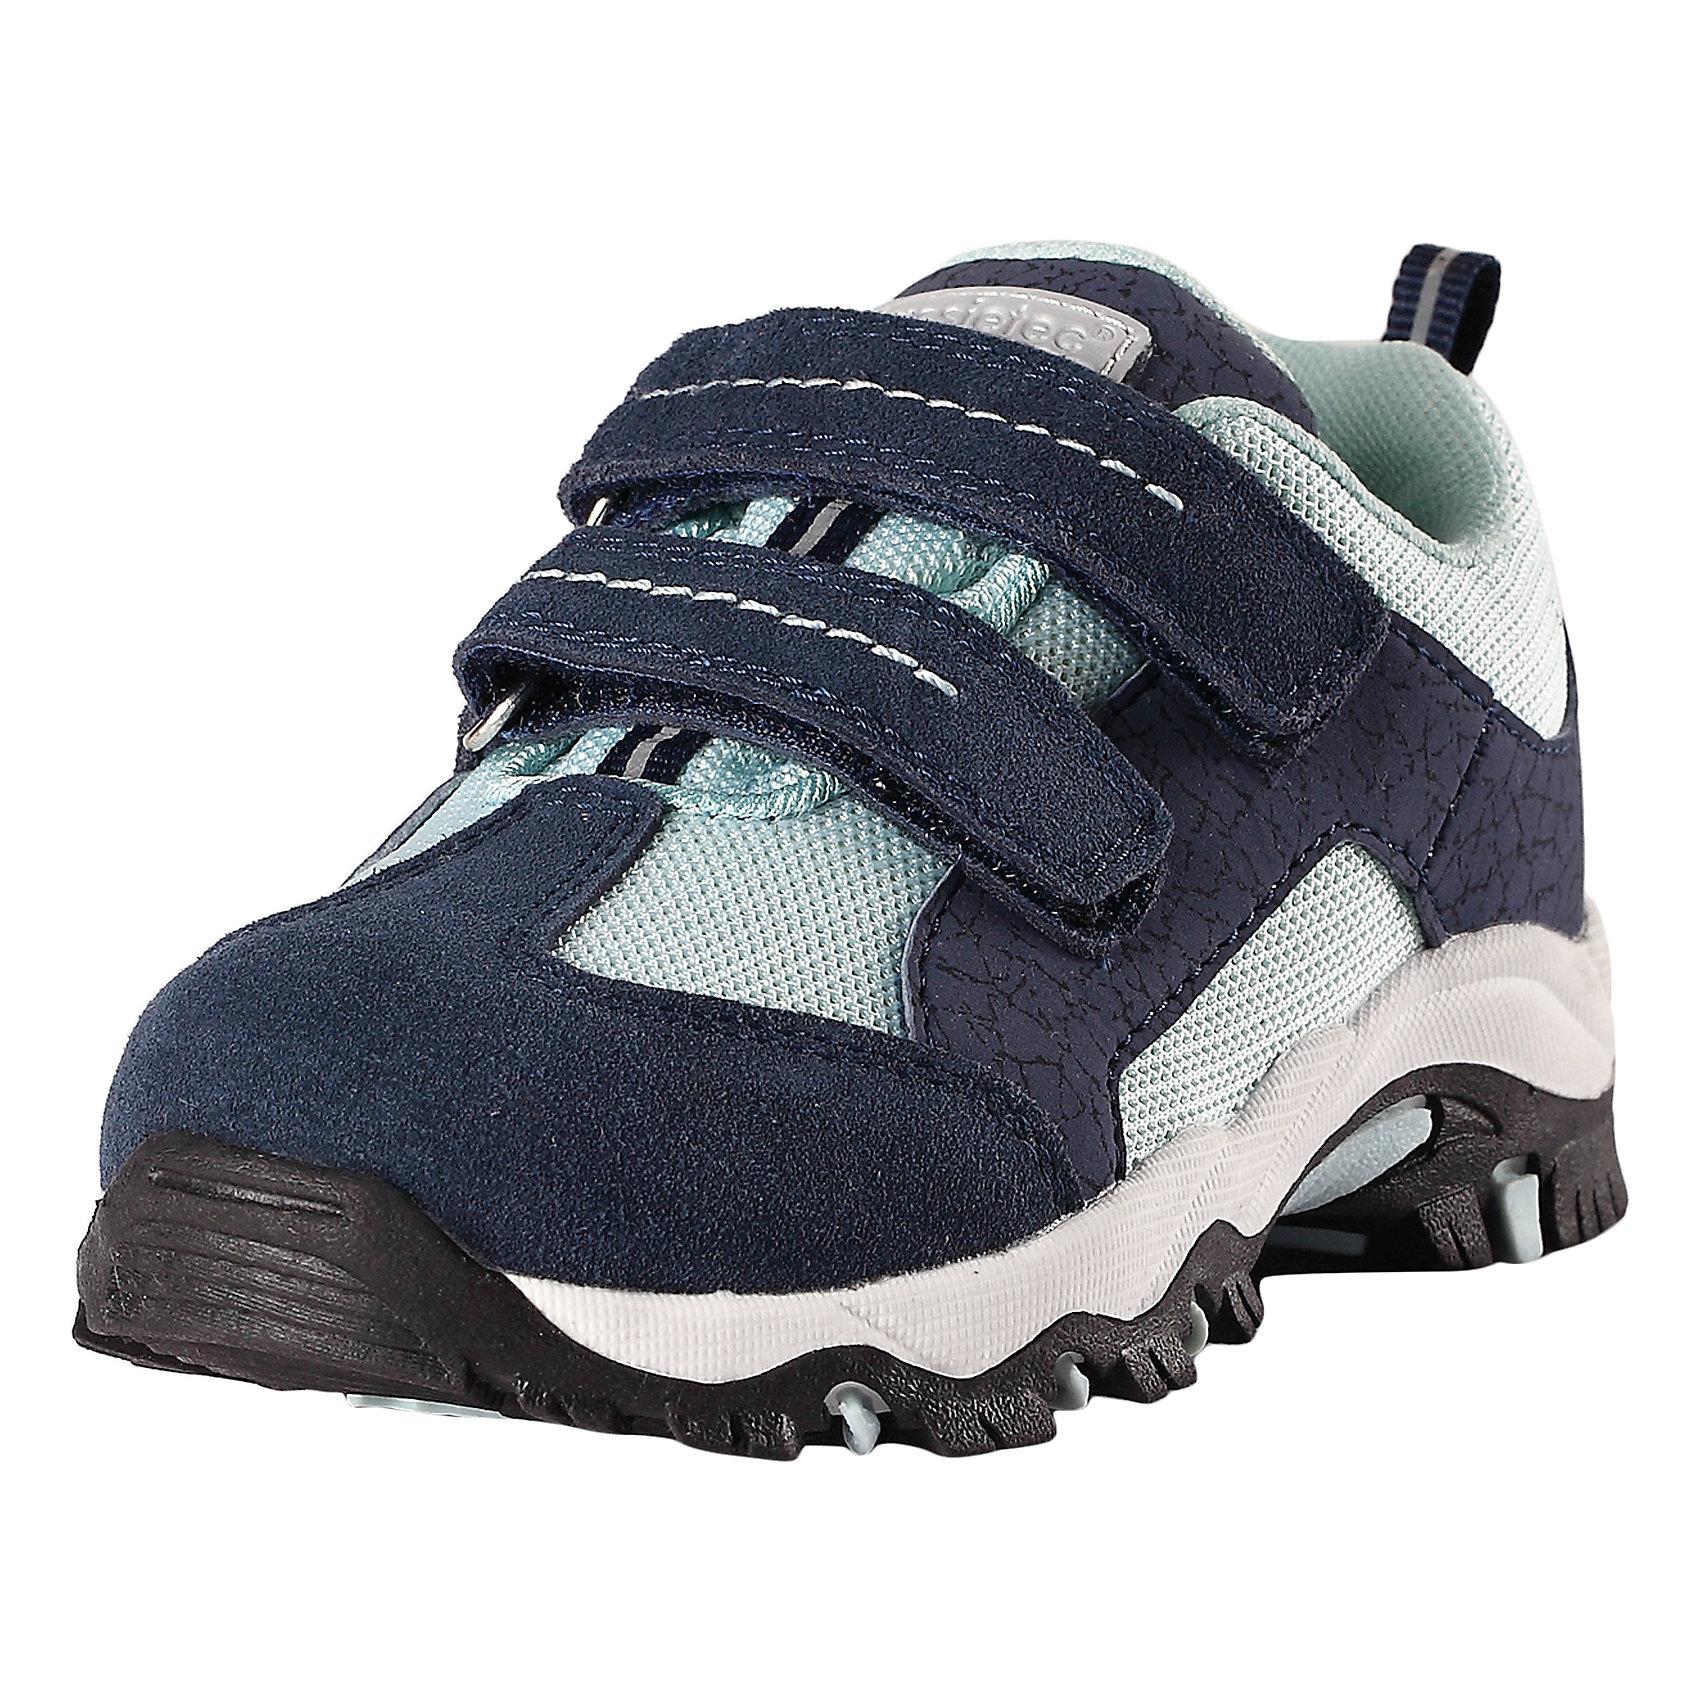 Кроссовки LASSIEКроссовки<br>Характеристики товара:<br><br>• цвет: синий<br>• состав: верх - ПЭ,ПУ/кожа, подошва - резина термопластичная<br>• застежка: липучка<br>• мягкая текстильная подкладка<br>• усиленные пятка и носок<br>• съемные стельки<br>• светоотражающие детали<br>• страна производства: Китай<br>• страна бренда: Финляндия<br>• коллекция: весна-лето 2017<br><br>Детская обувь может быть модной и комфортной одновременно! Удобные стильные кроссовки помогут обеспечить ребенку комфорт и дополнить наряд. Они отлично смотрятся с различной одеждой. Кроссовки удобно сидят на ноге и аккуратно смотрятся. Легко чистятся и долго служат. Продуманная конструкция разрабатывалась специально для детей.<br><br>Обувь и одежда от финского бренда LASSIE пользуются популярностью во многих странах. Они стильные, качественные и удобные. Для производства продукции используются только безопасные, проверенные материалы и фурнитура. Порадуйте ребенка модными и красивыми вещами от Lassie®! <br><br>Кроссовки от финского бренда LASSIE можно купить в нашем интернет-магазине.<br><br>Ширина мм: 262<br>Глубина мм: 176<br>Высота мм: 97<br>Вес г: 427<br>Цвет: синий<br>Возраст от месяцев: 96<br>Возраст до месяцев: 108<br>Пол: Унисекс<br>Возраст: Детский<br>Размер: 32,31,25,26,27,28,29,30,33,34,35,24<br>SKU: 5263370